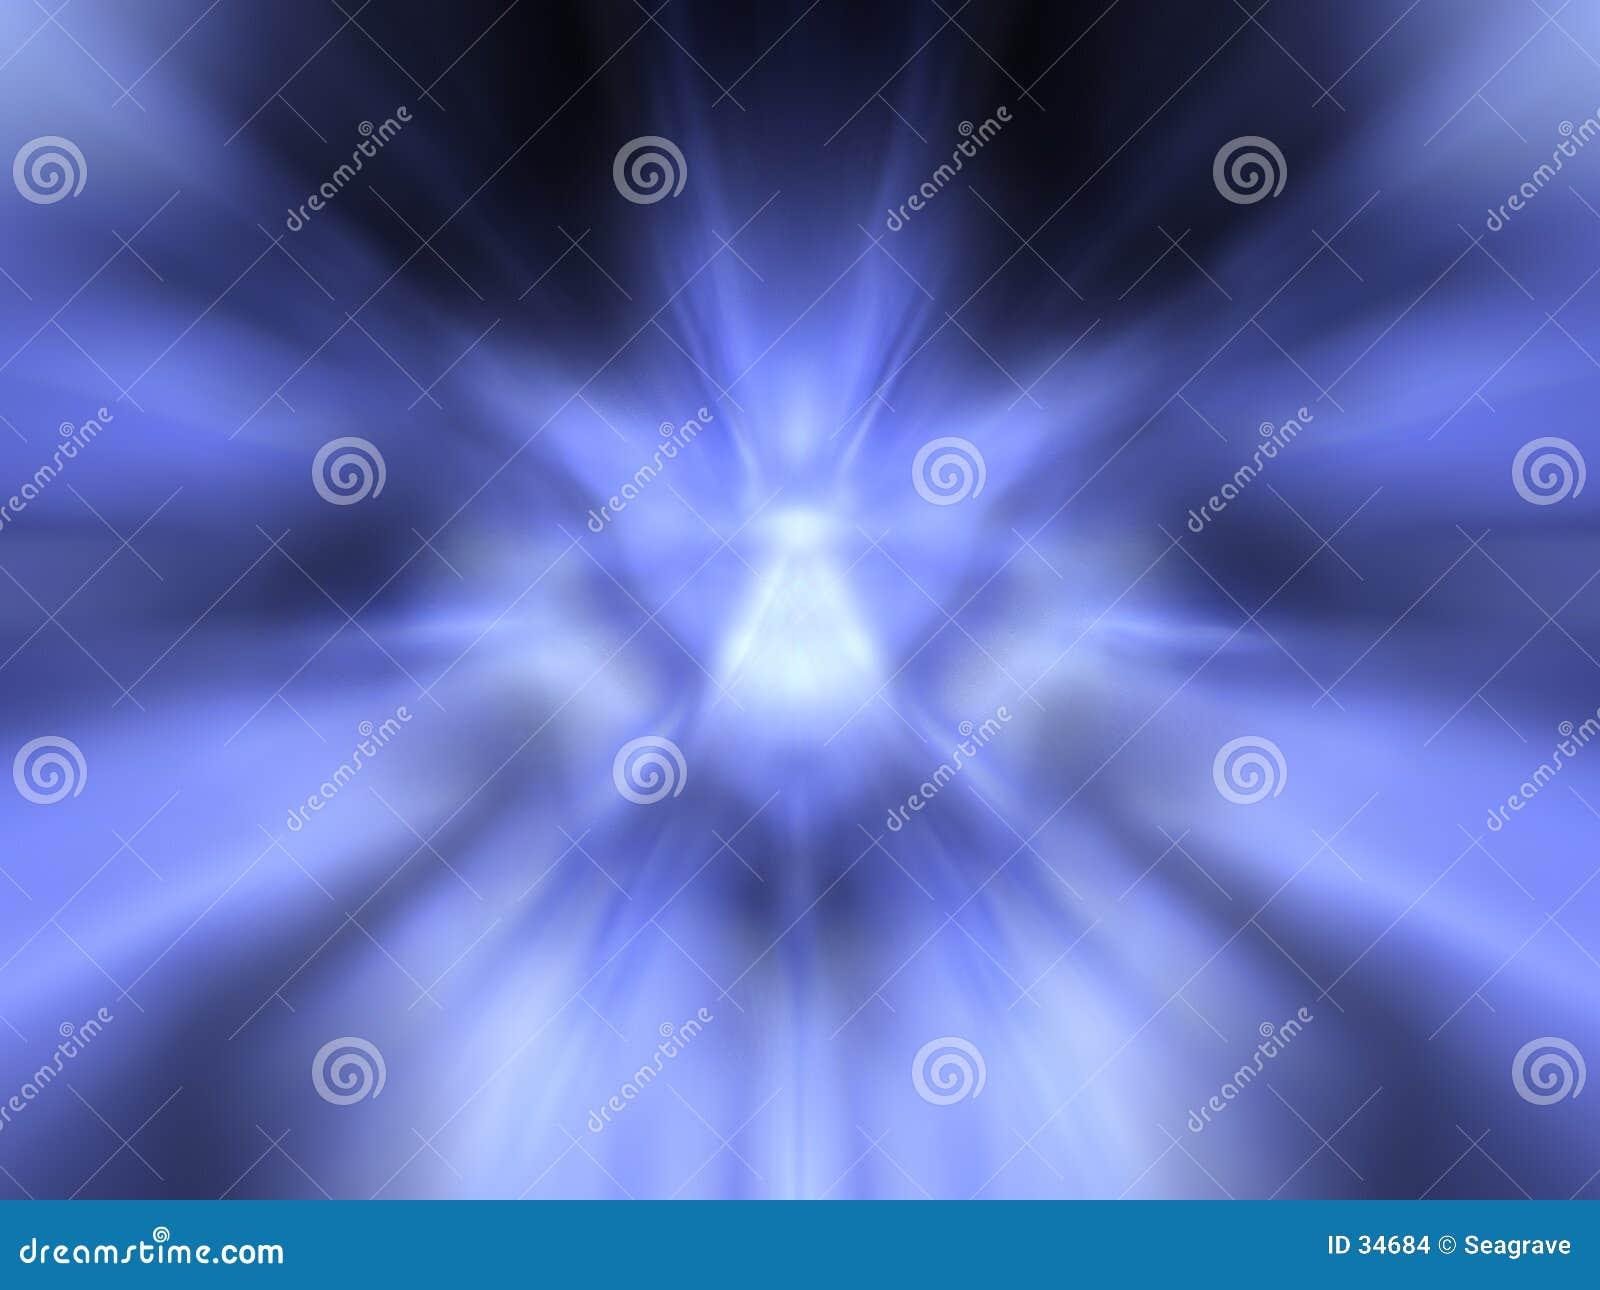 Angelic blur